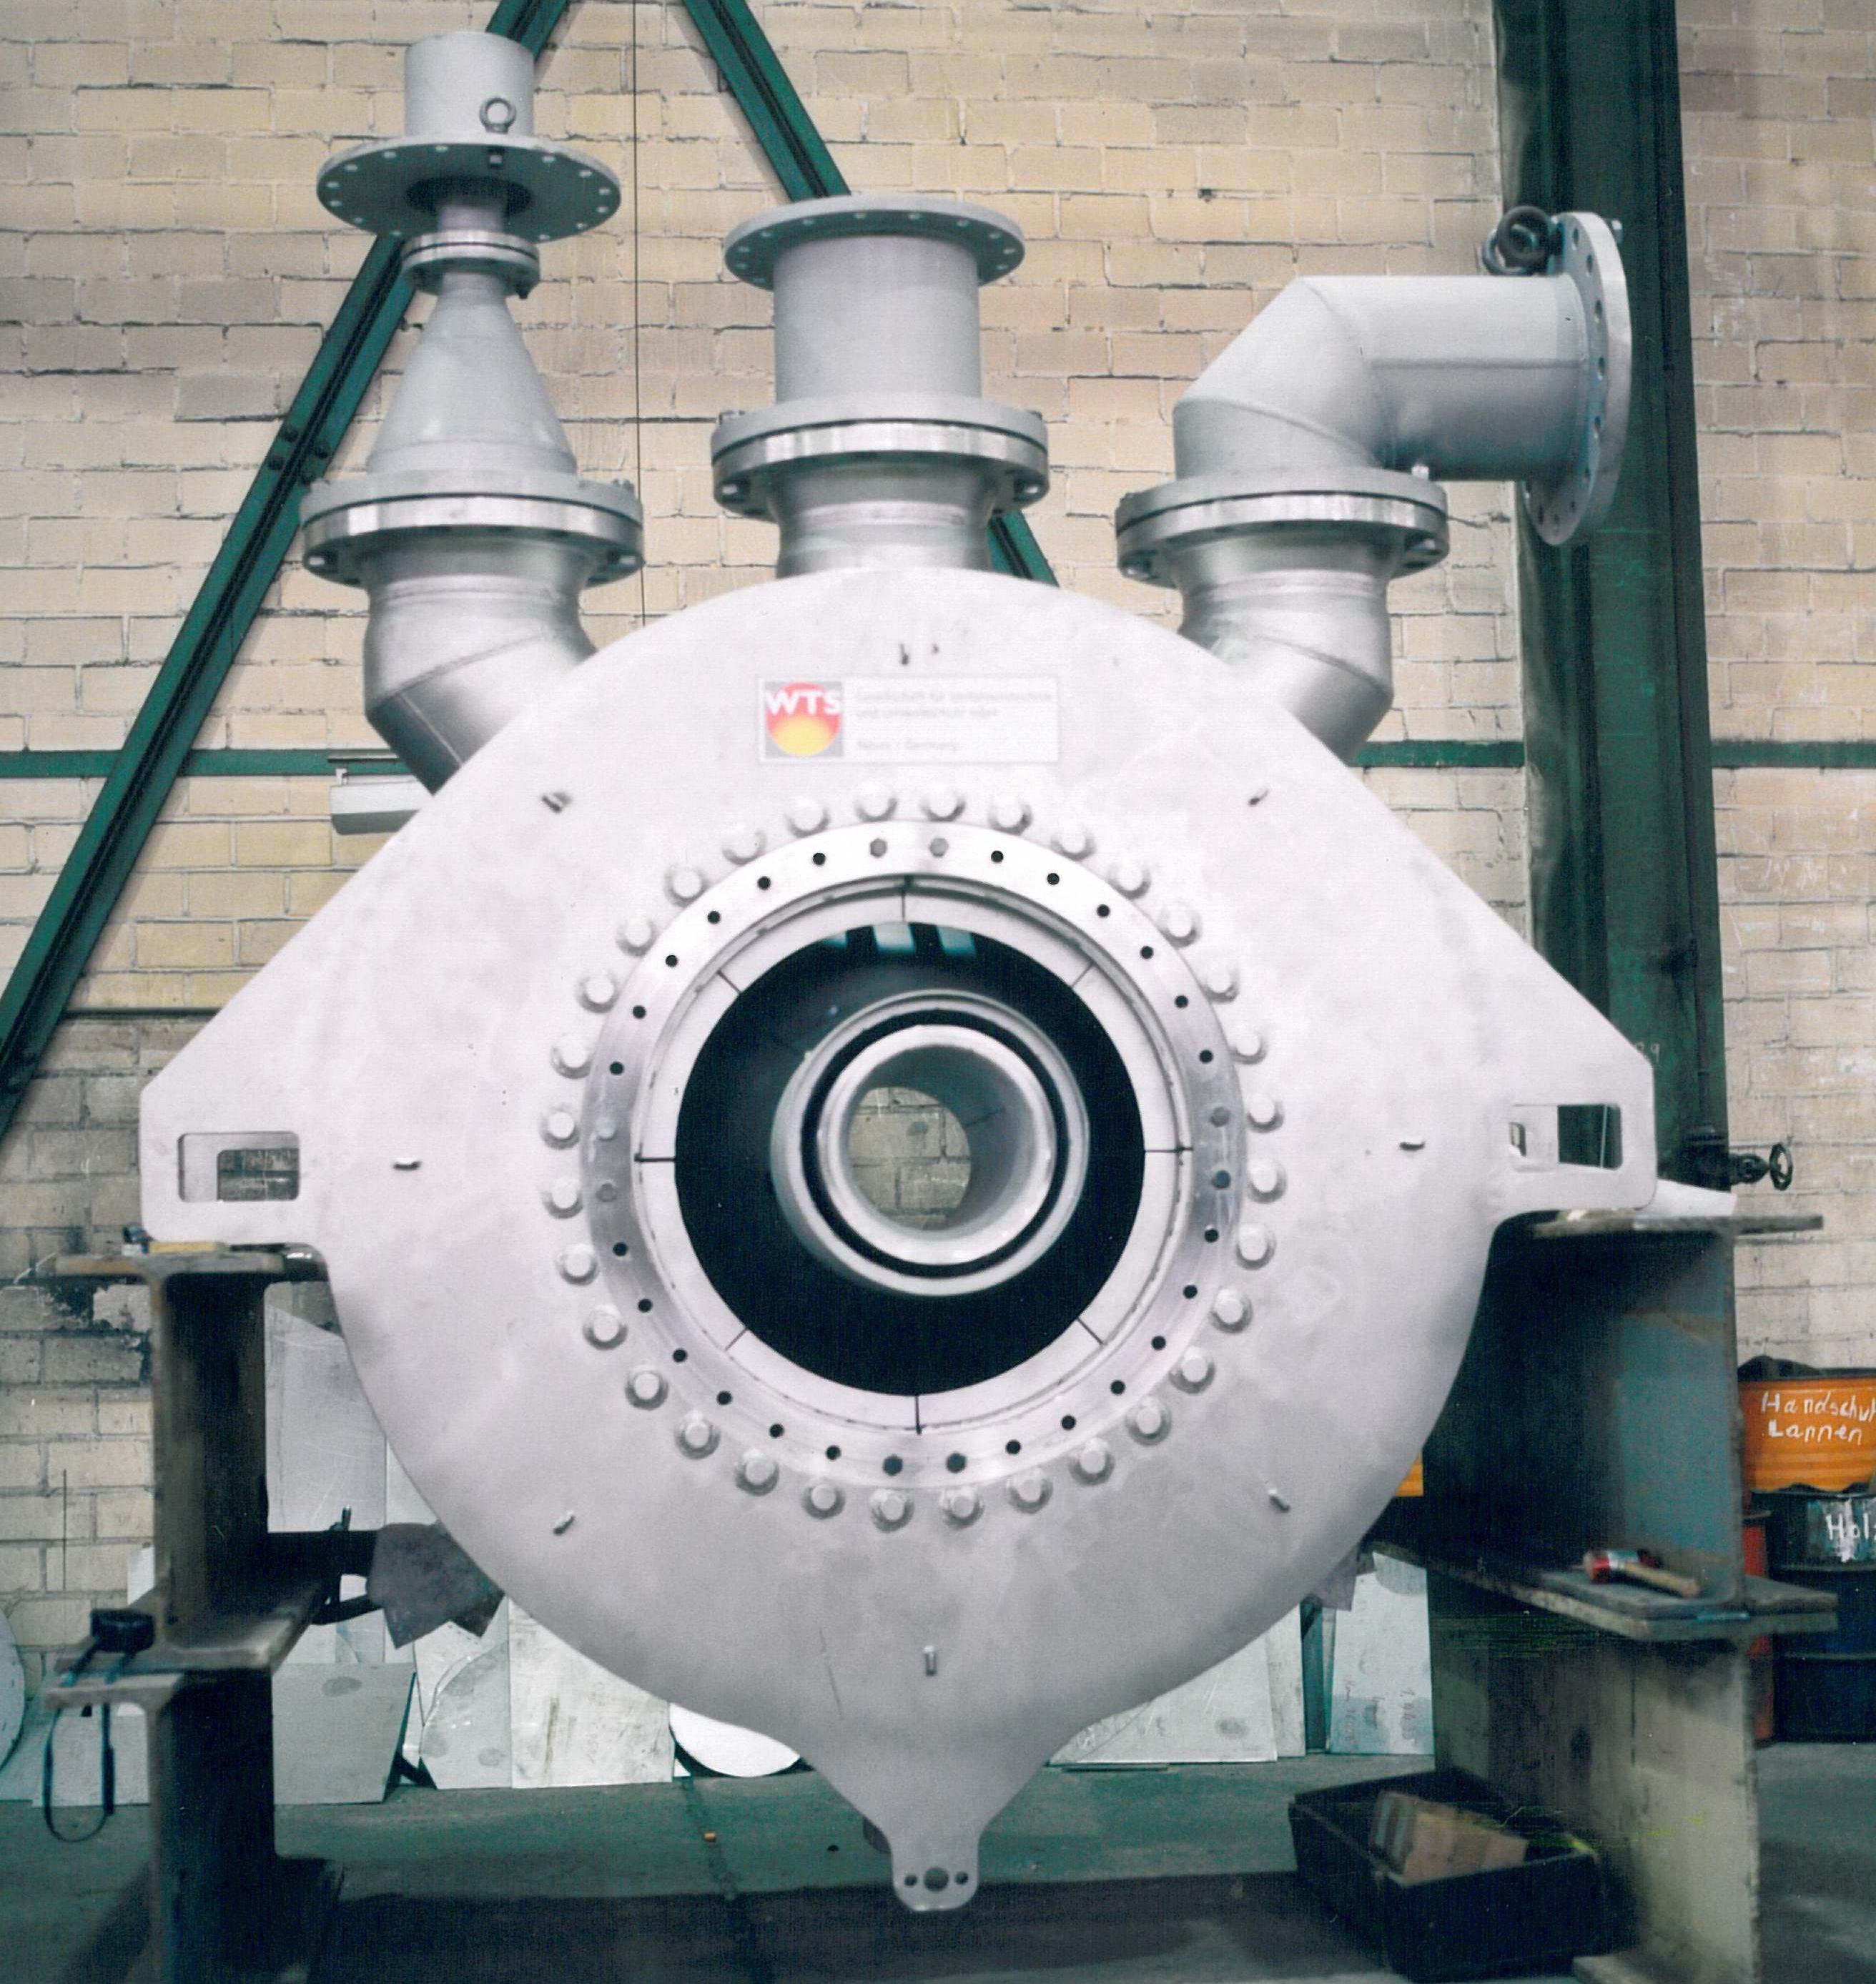 Pressure chamber